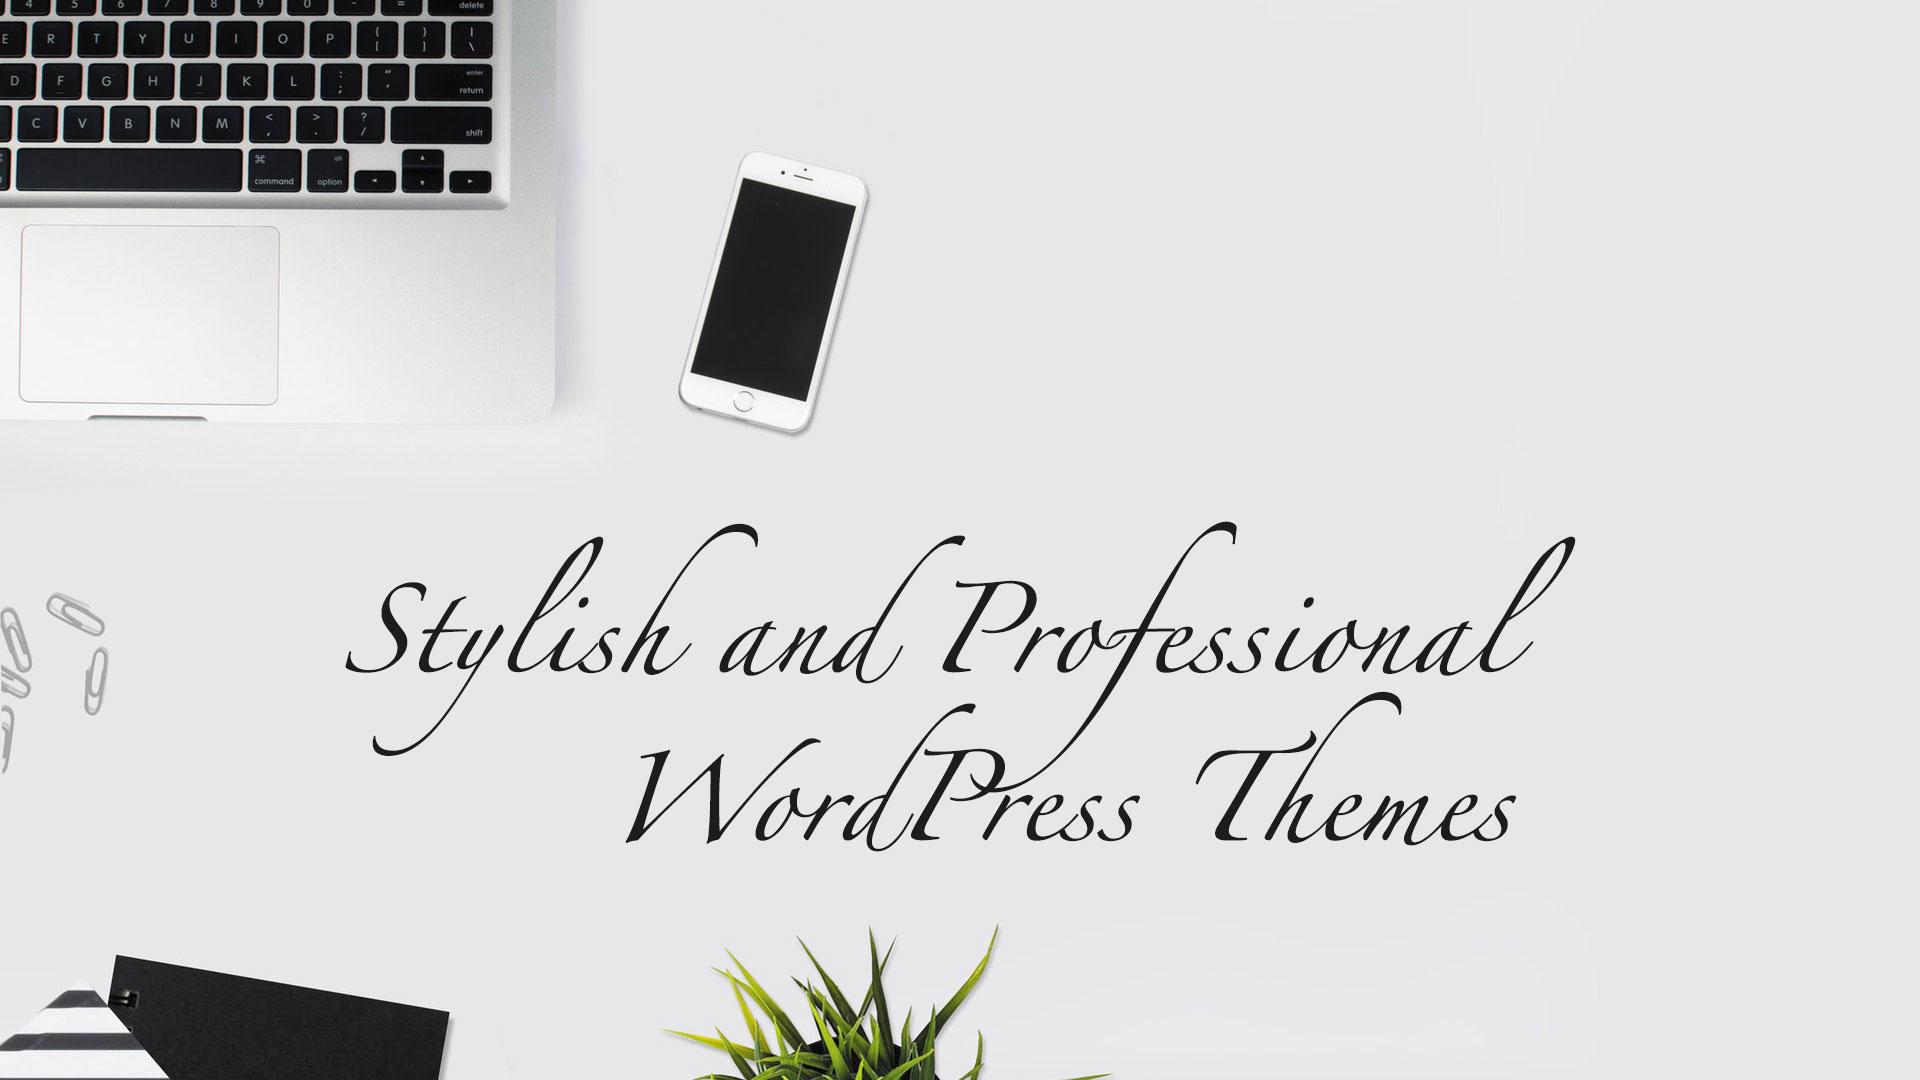 Stylish and Professional WordPress Themes